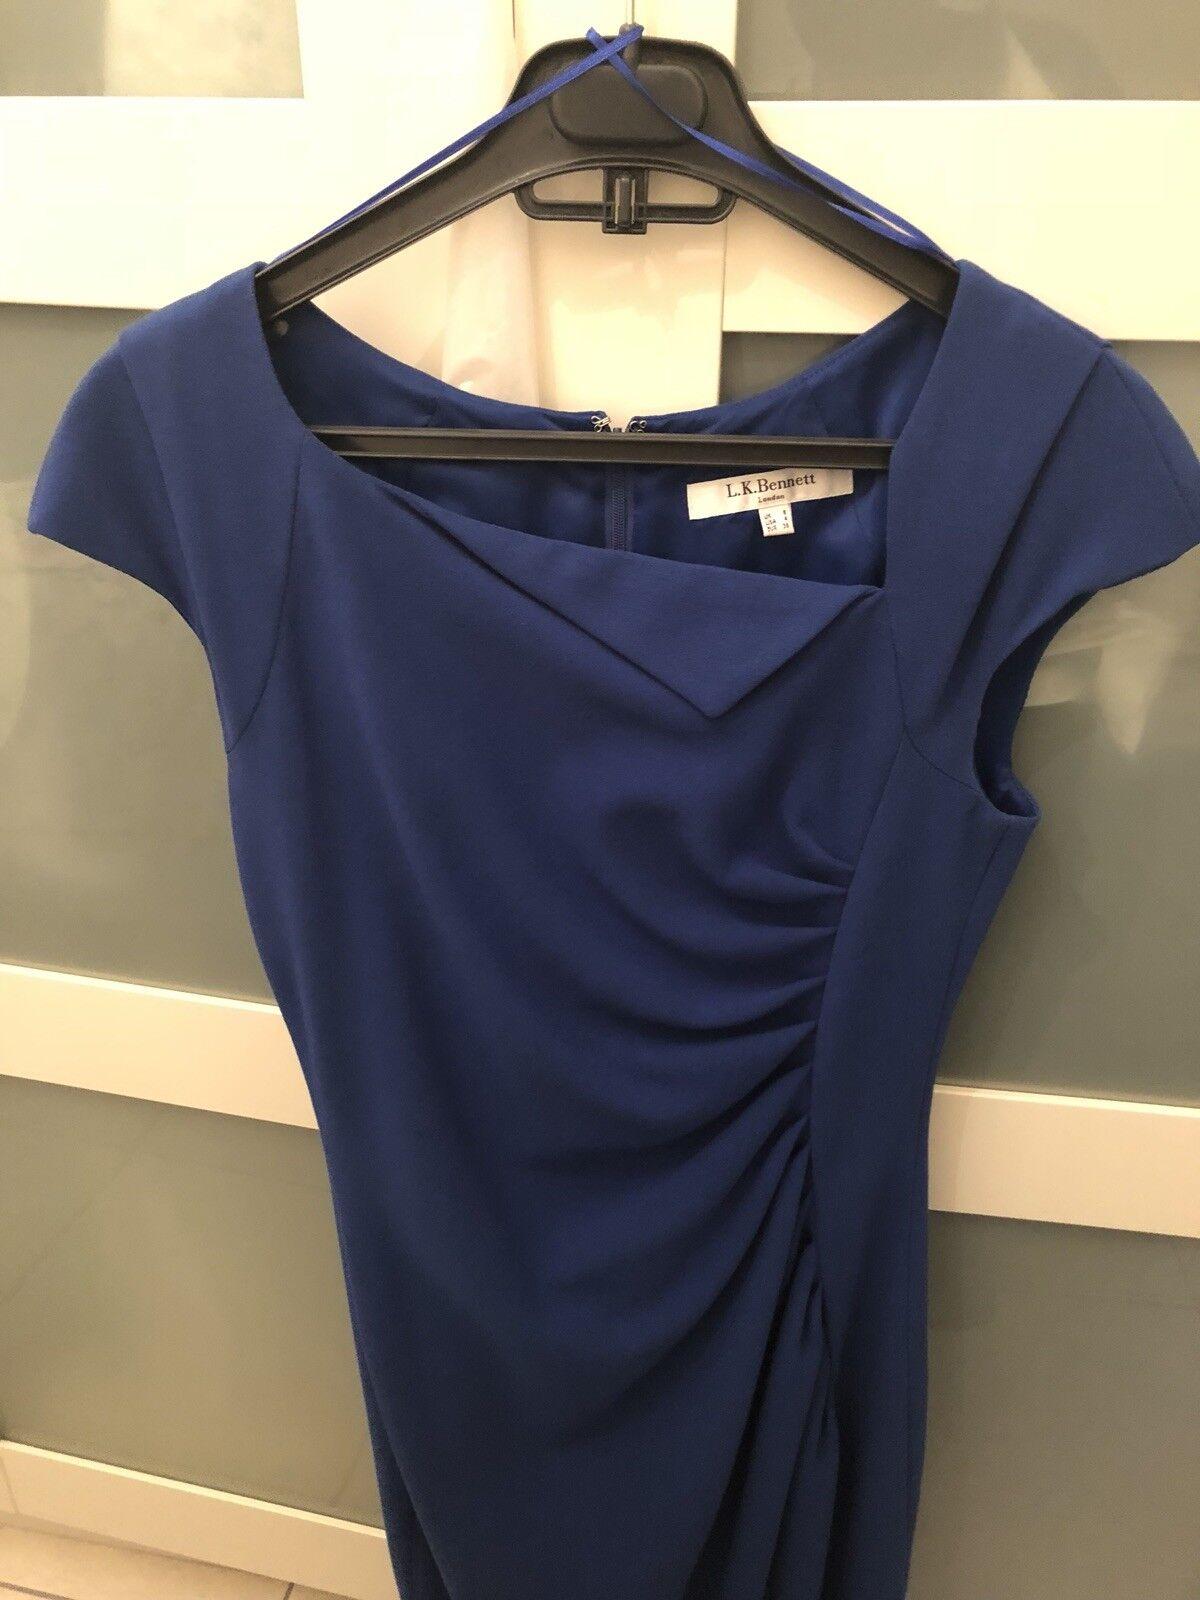 Nuevo Vestido Davina LK Bennett Cobalto Azul como  se ve en Royal EE. UU. 4 8  auténtico